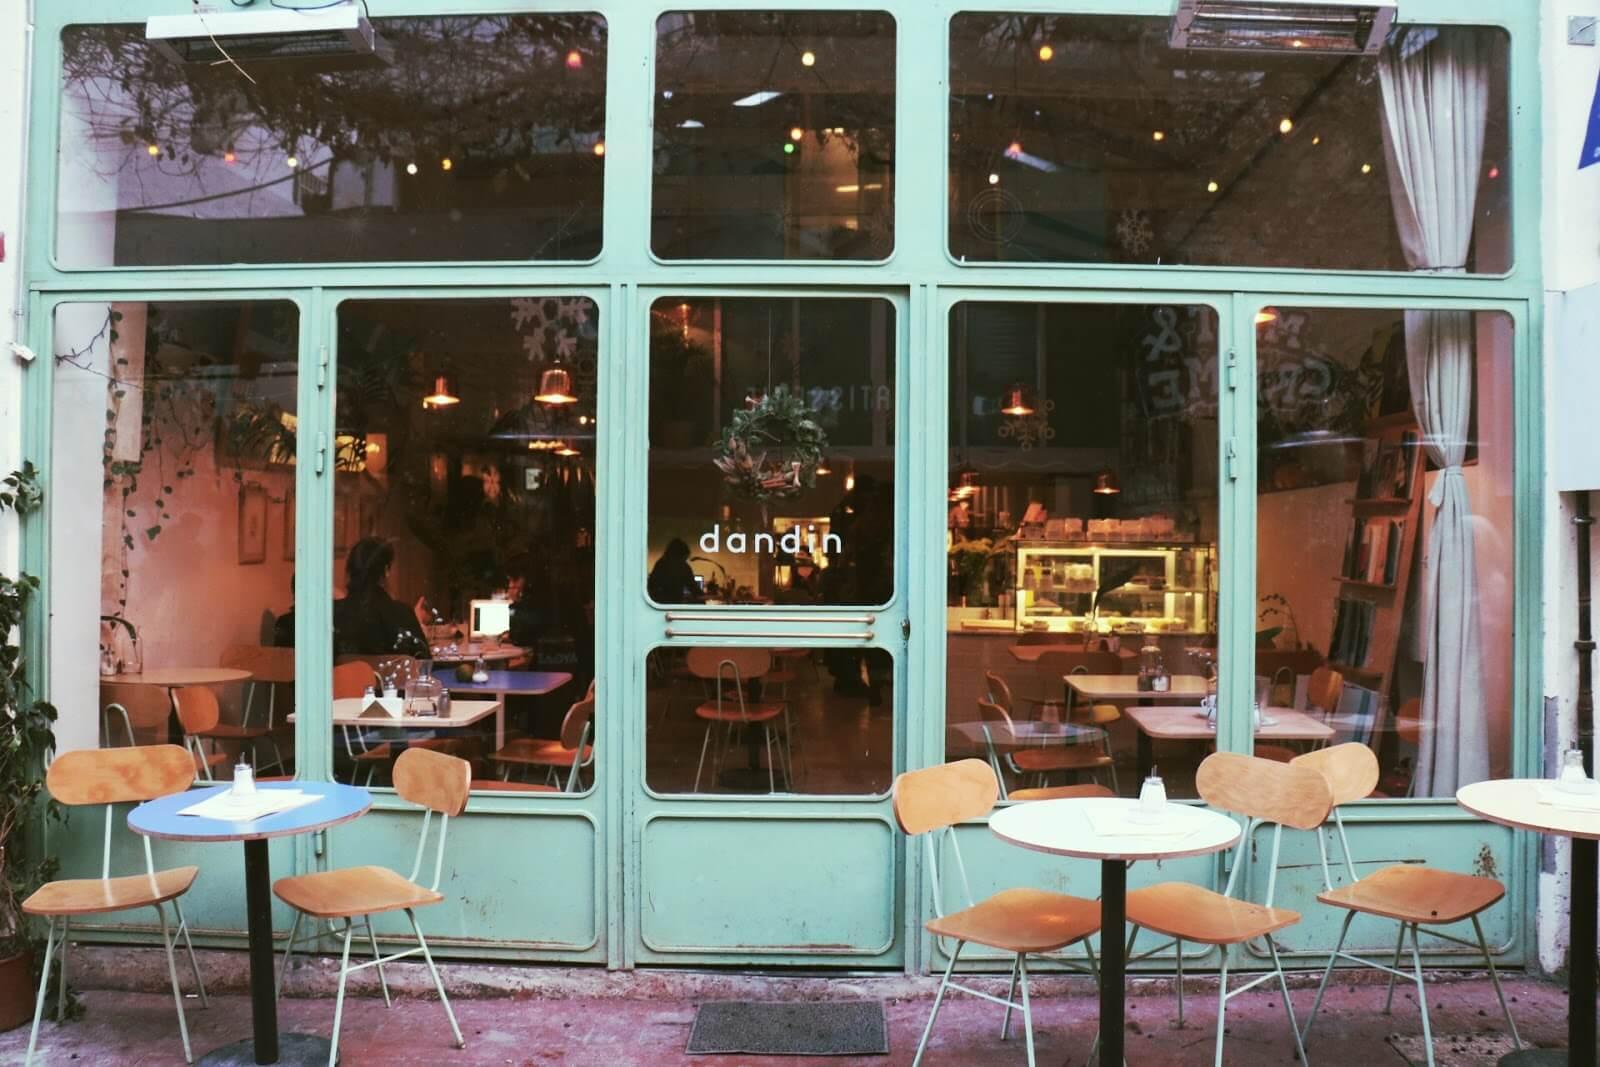 Dandin Bakery